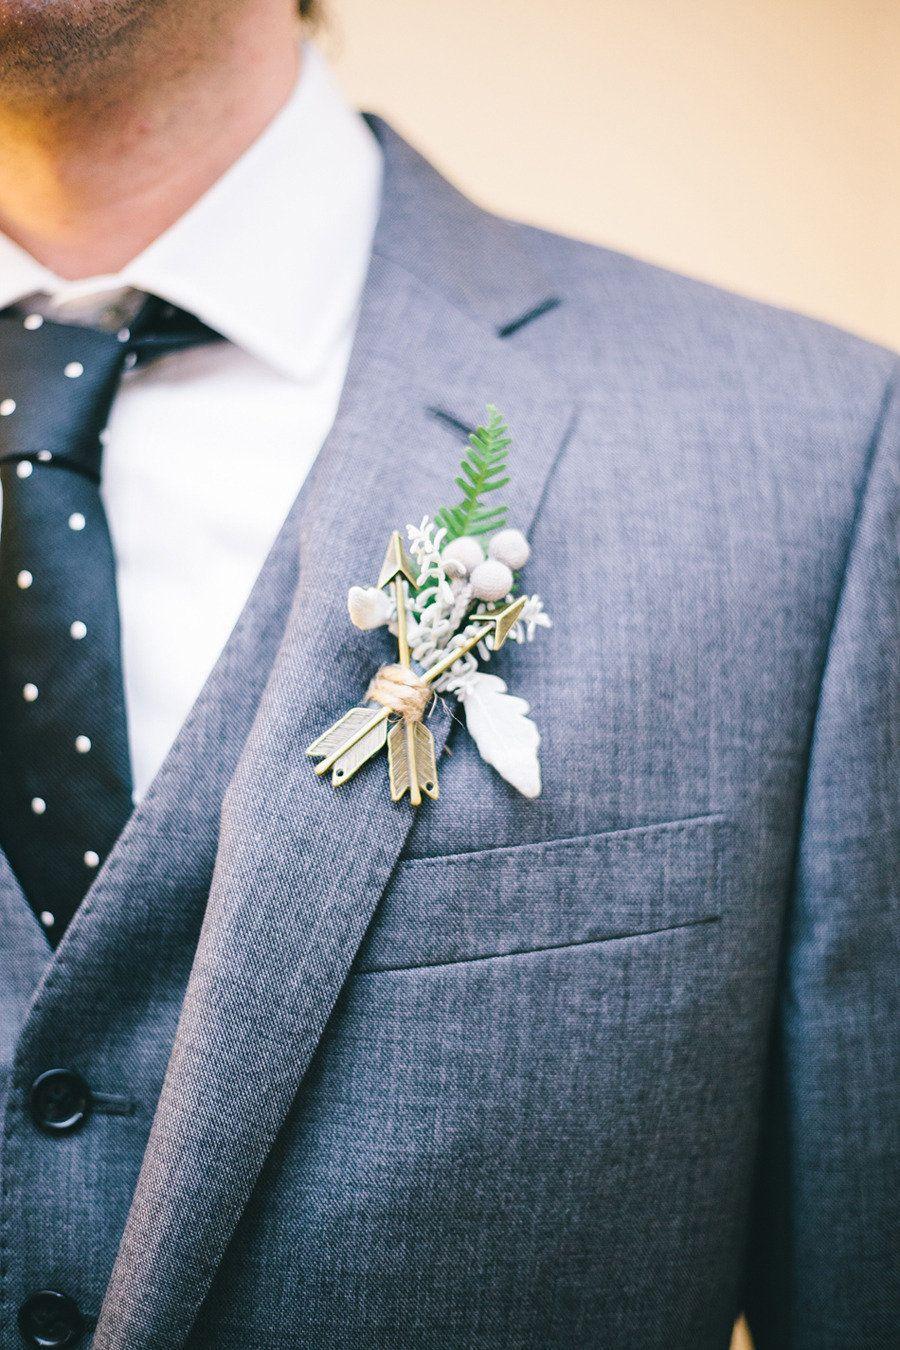 Toronto Wedding From Sara Wilde Photography Brautigam Boutonniere Hochzeit Brautigam Und Hochzeit Boutonniere